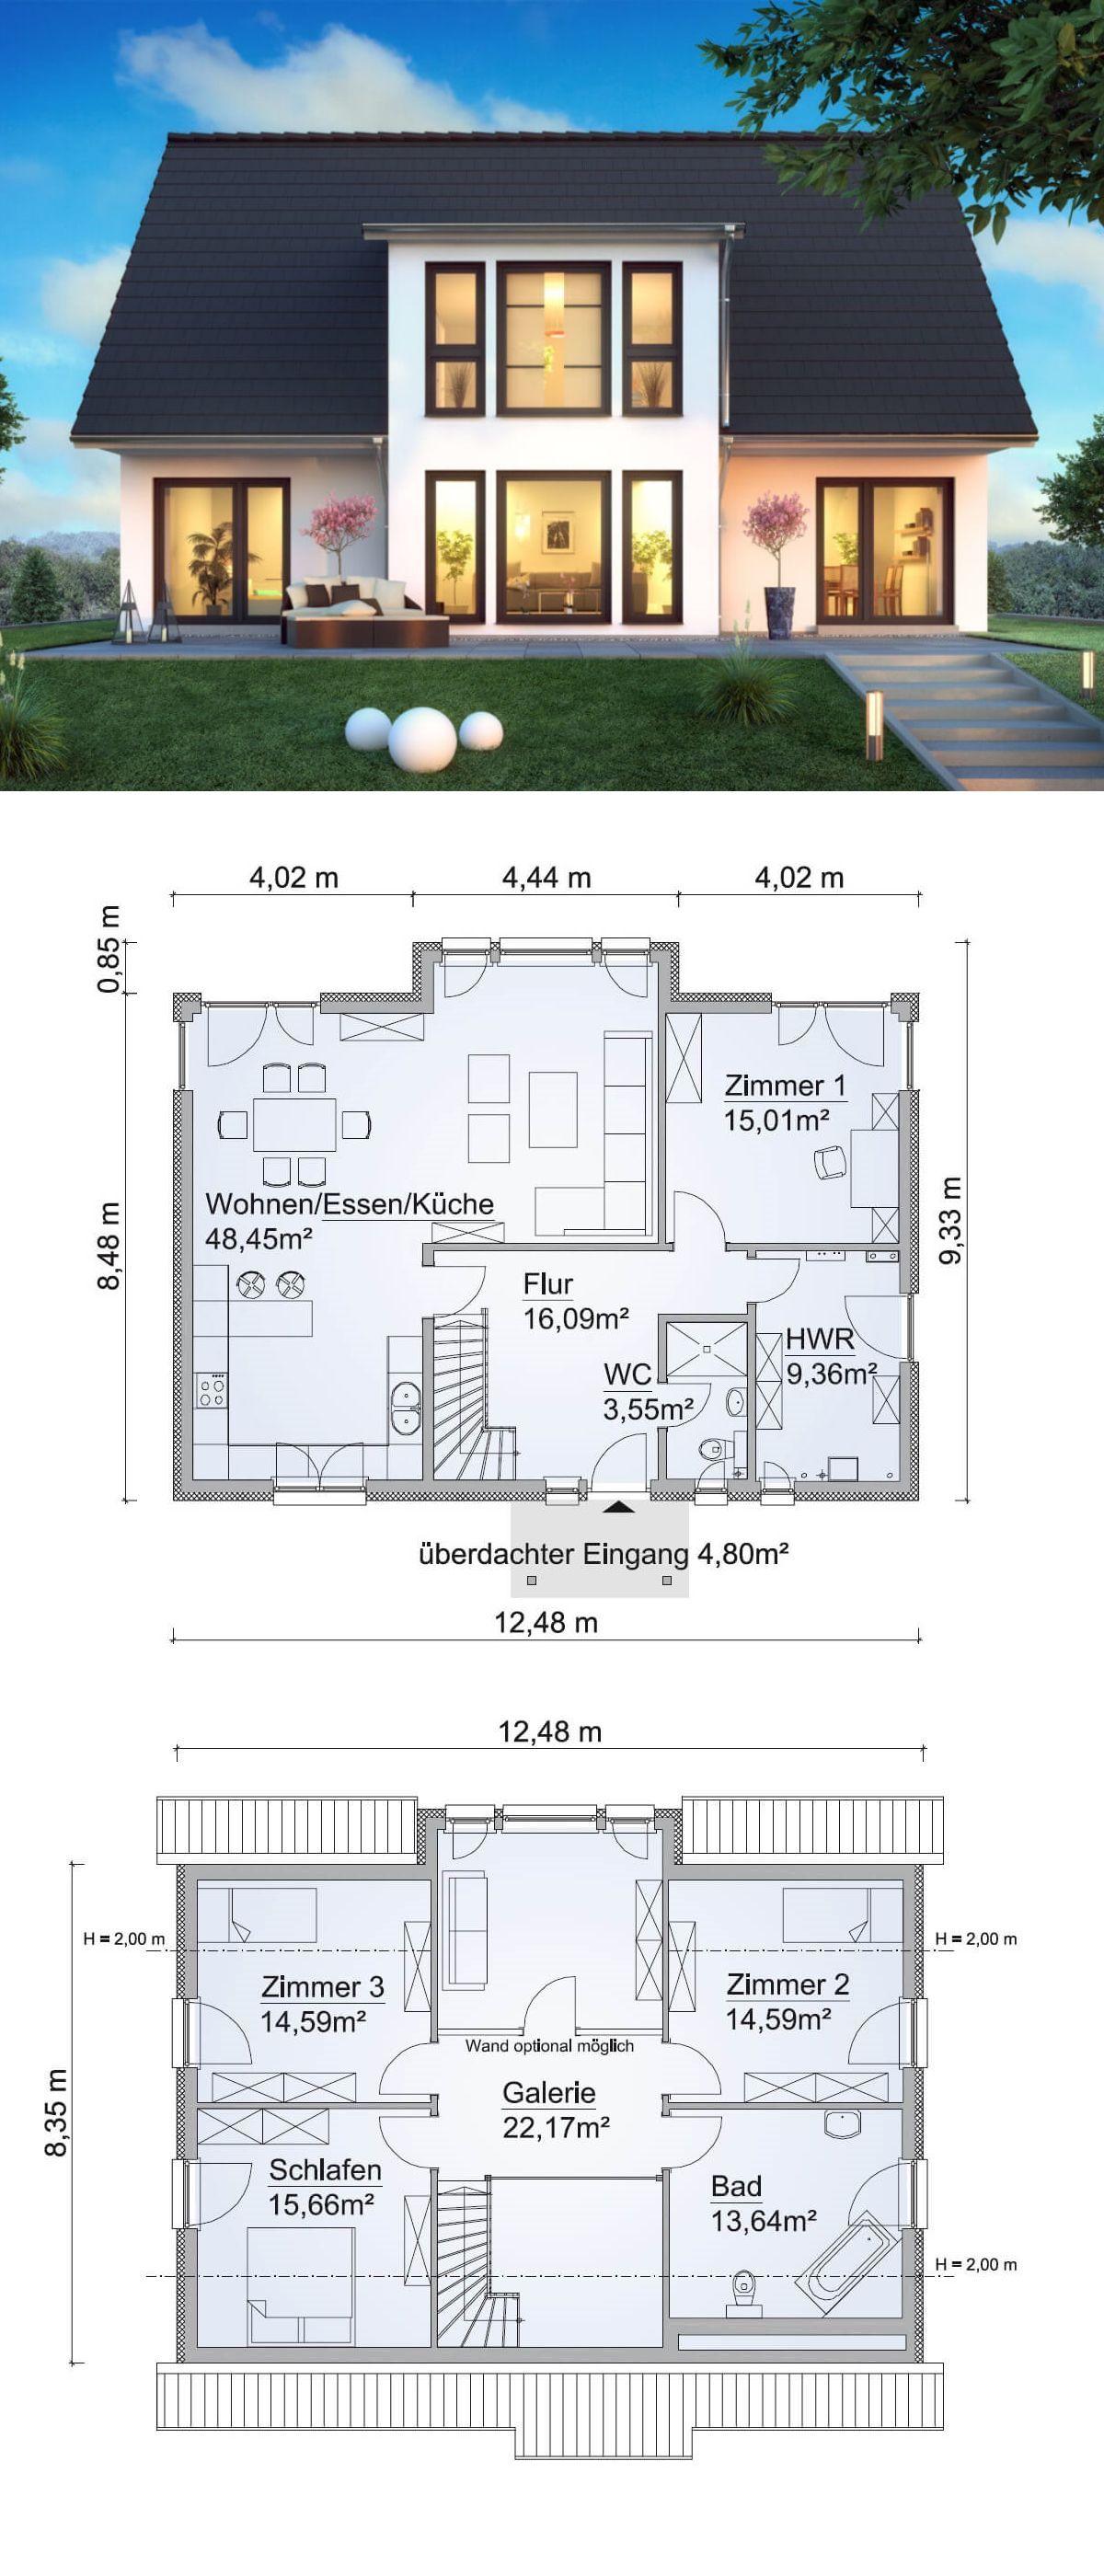 Einfamilienhaus SH 180 FS mit Zwerchgiebel - ScanHaus Marlow | HausbauDirekt #contemporarykitcheninterior